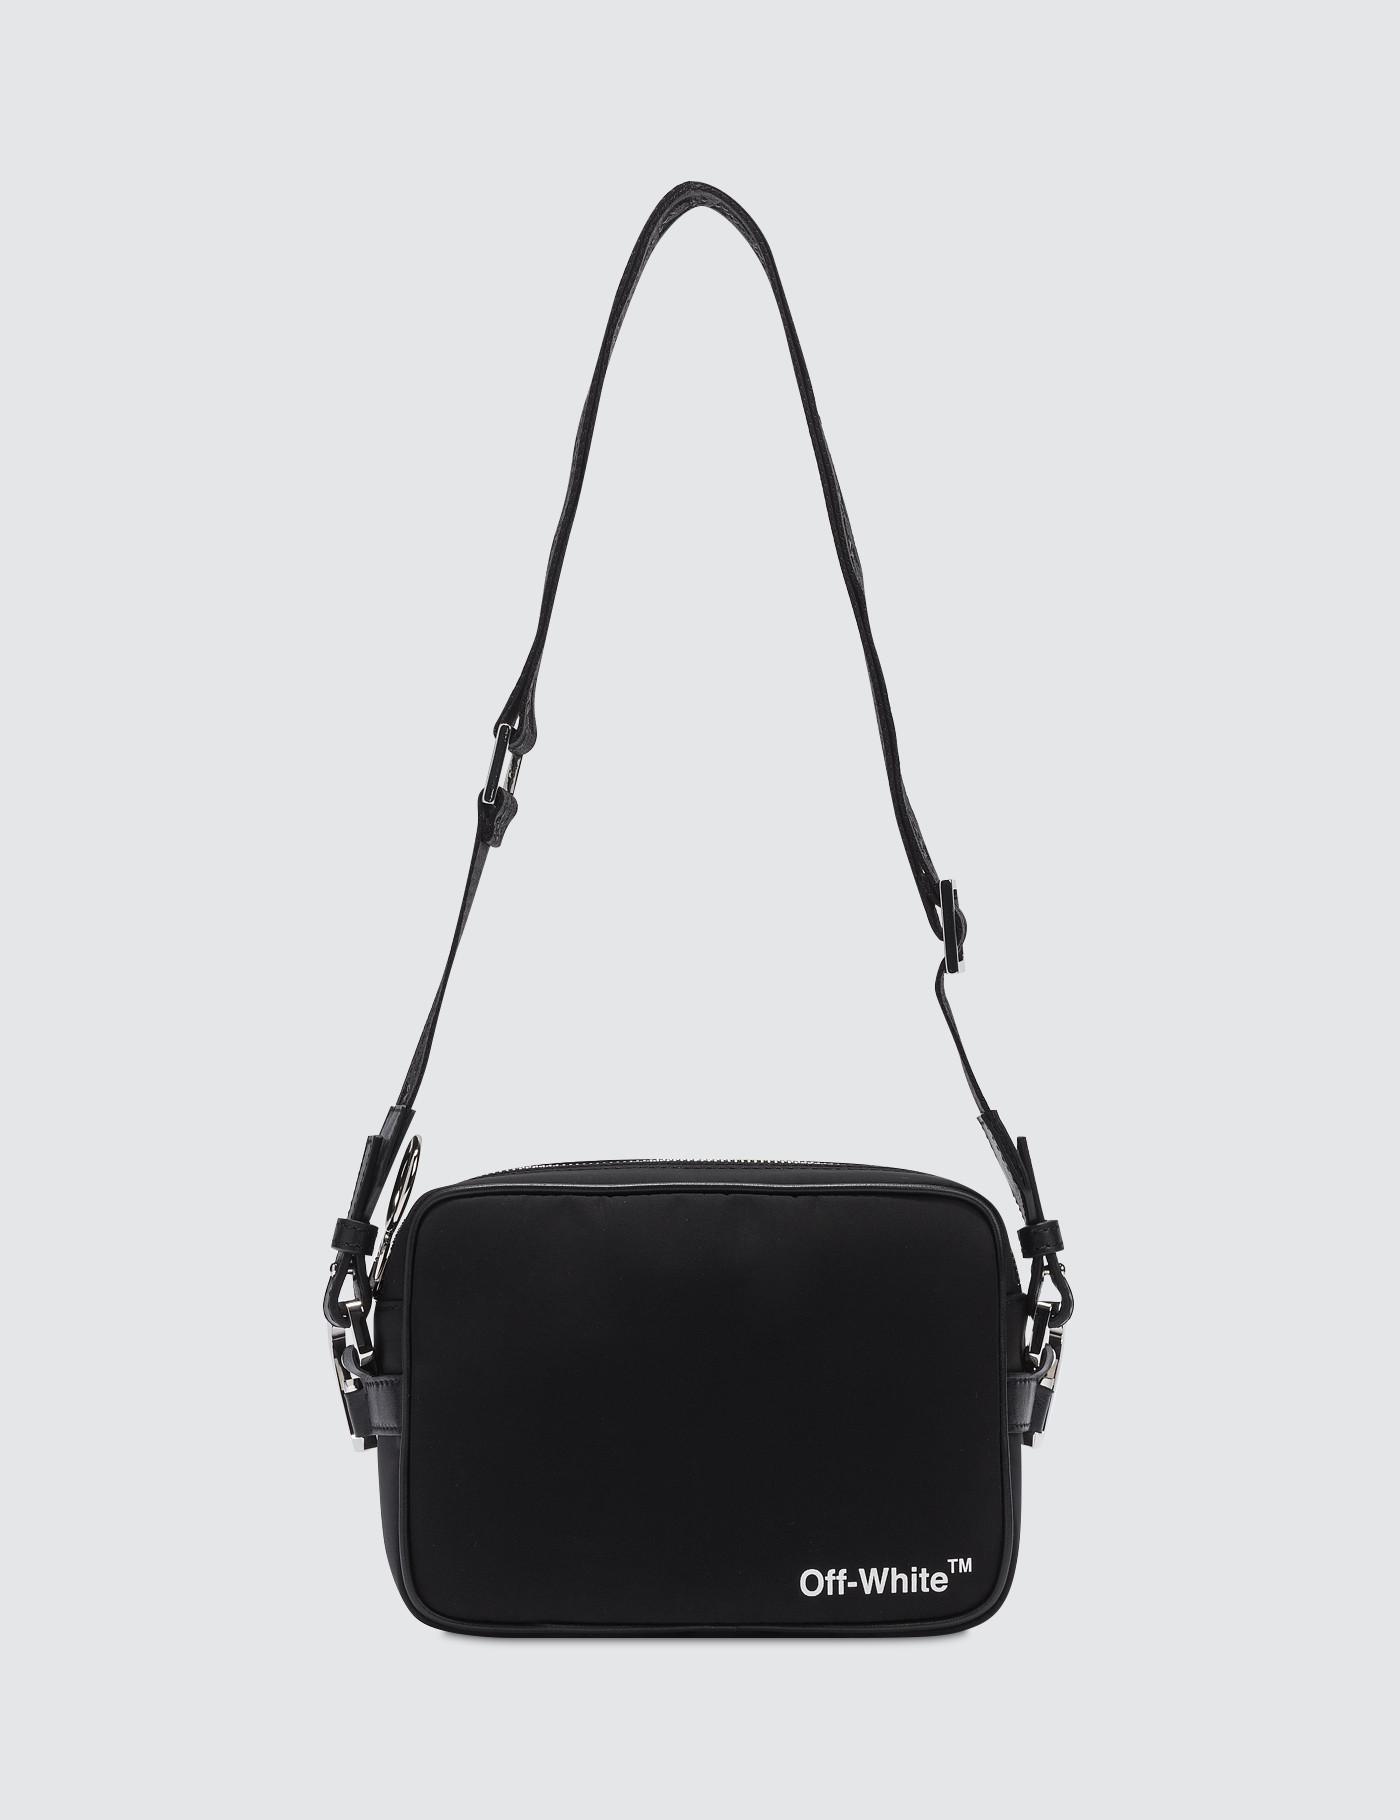 c7b0a780e3e3 ... Lyst - Off-White C O Virgil Abloh Crossbody Bag in Black for Men  affordable price ...